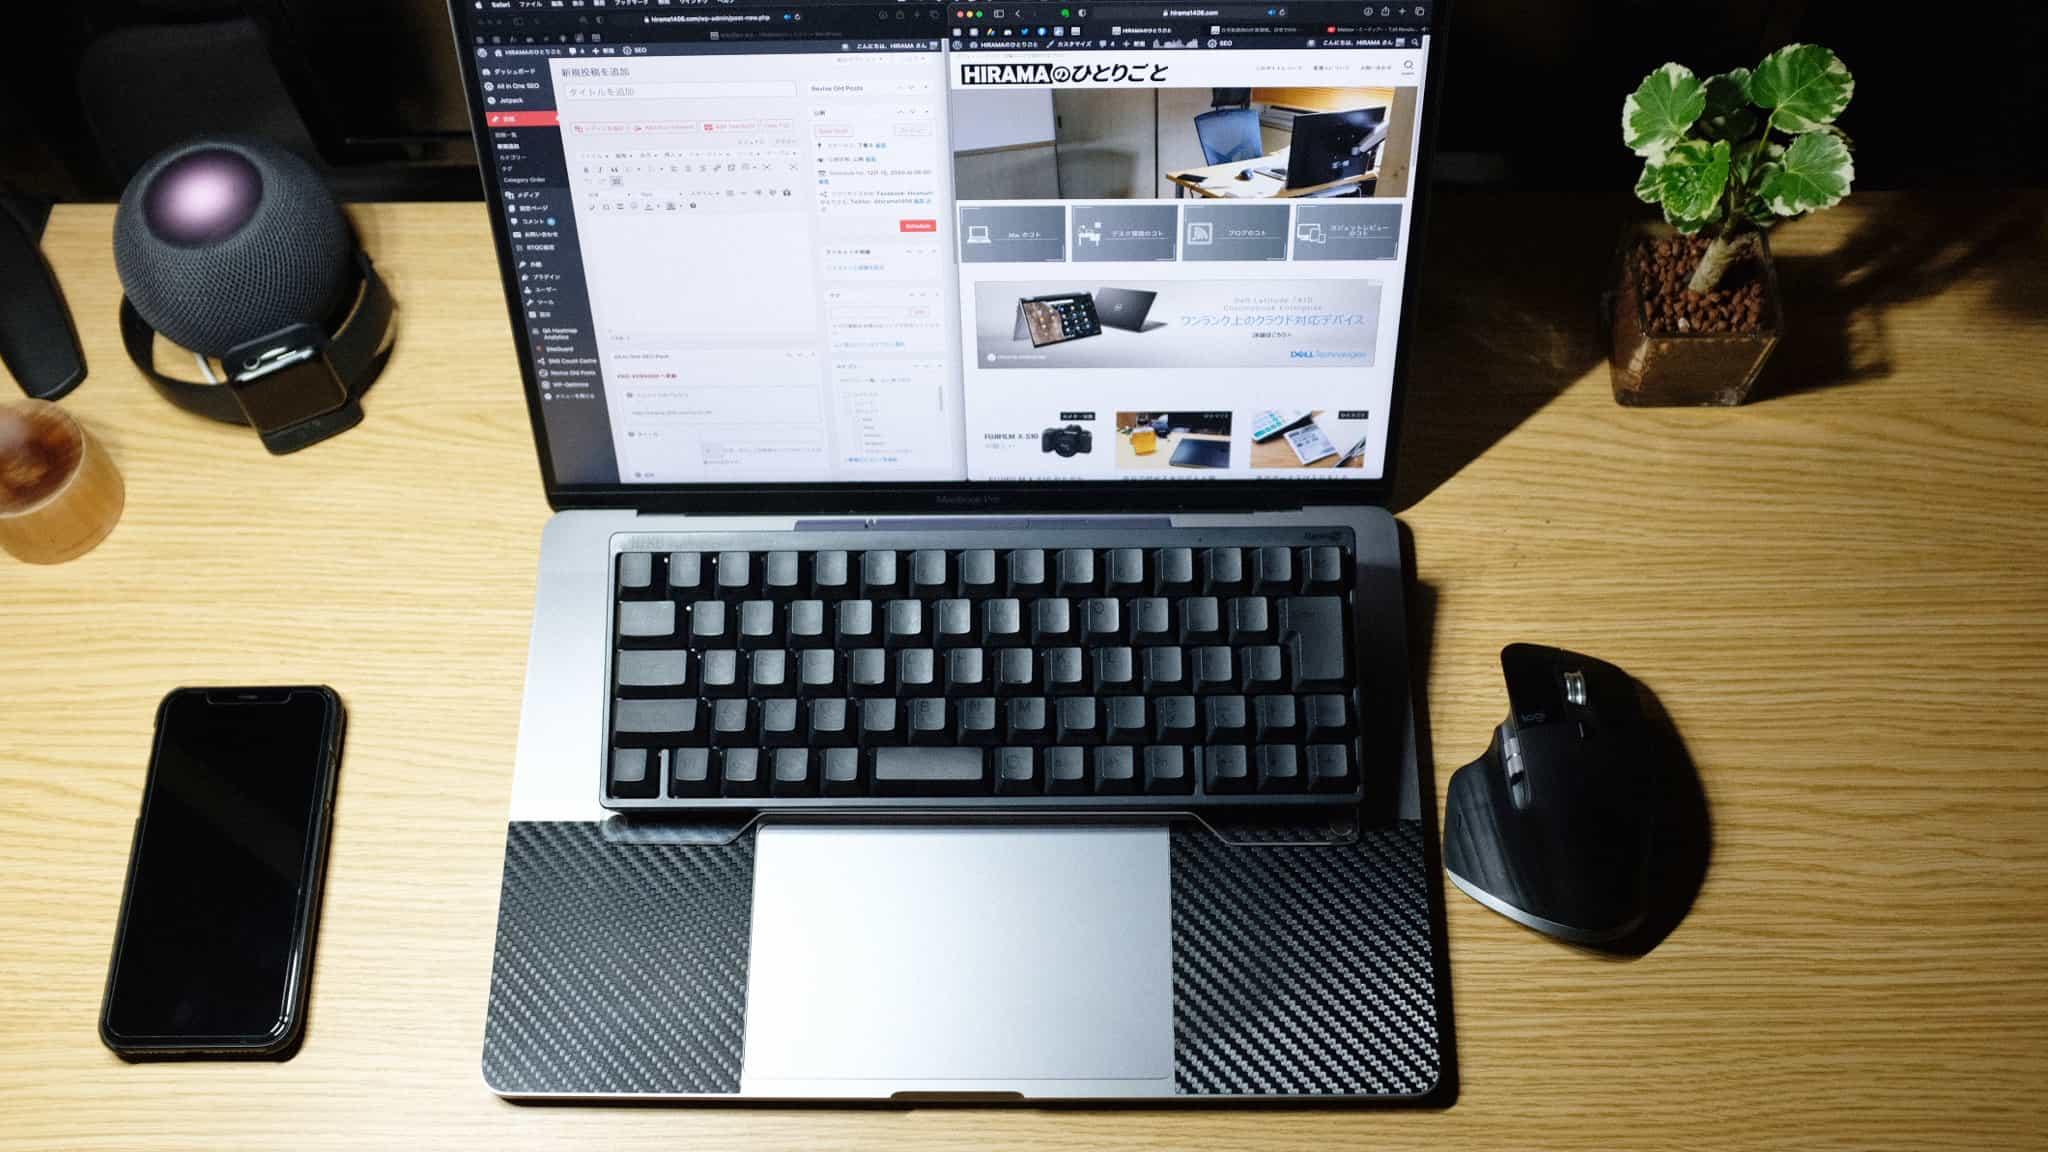 『16インチ MacBook Pro』と『 HHKB Professional HYBRID Type-S 』と『MX Master 3 for Mac』